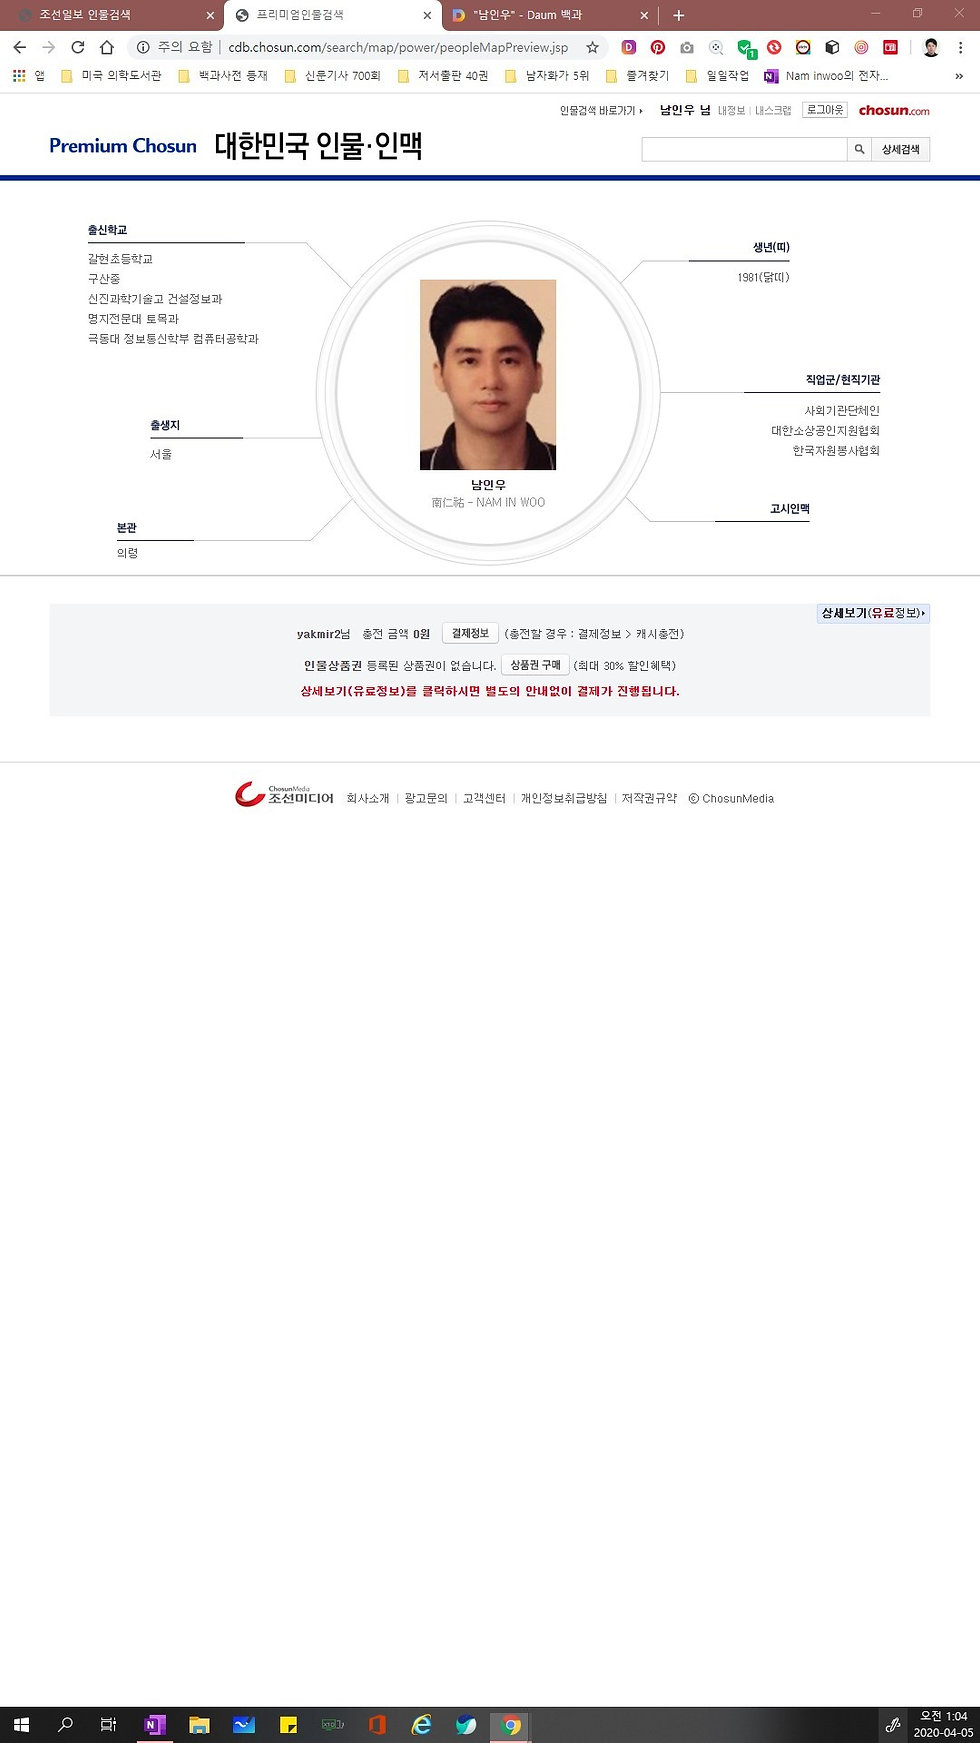 조선일보인물.jpg